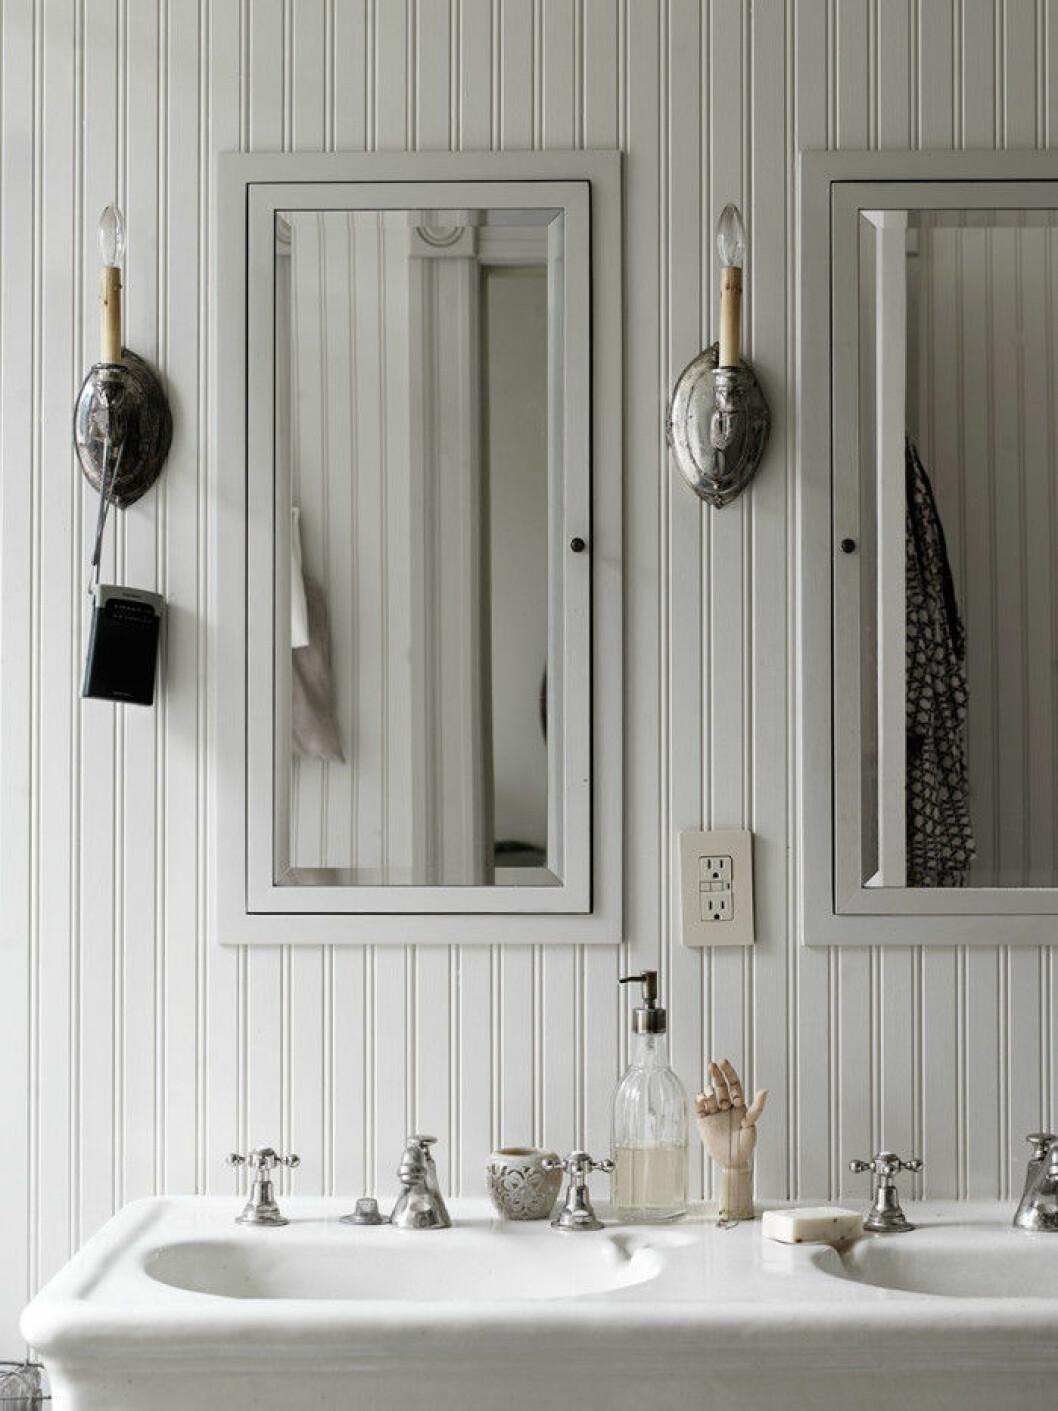 Två handfat i badrummet.